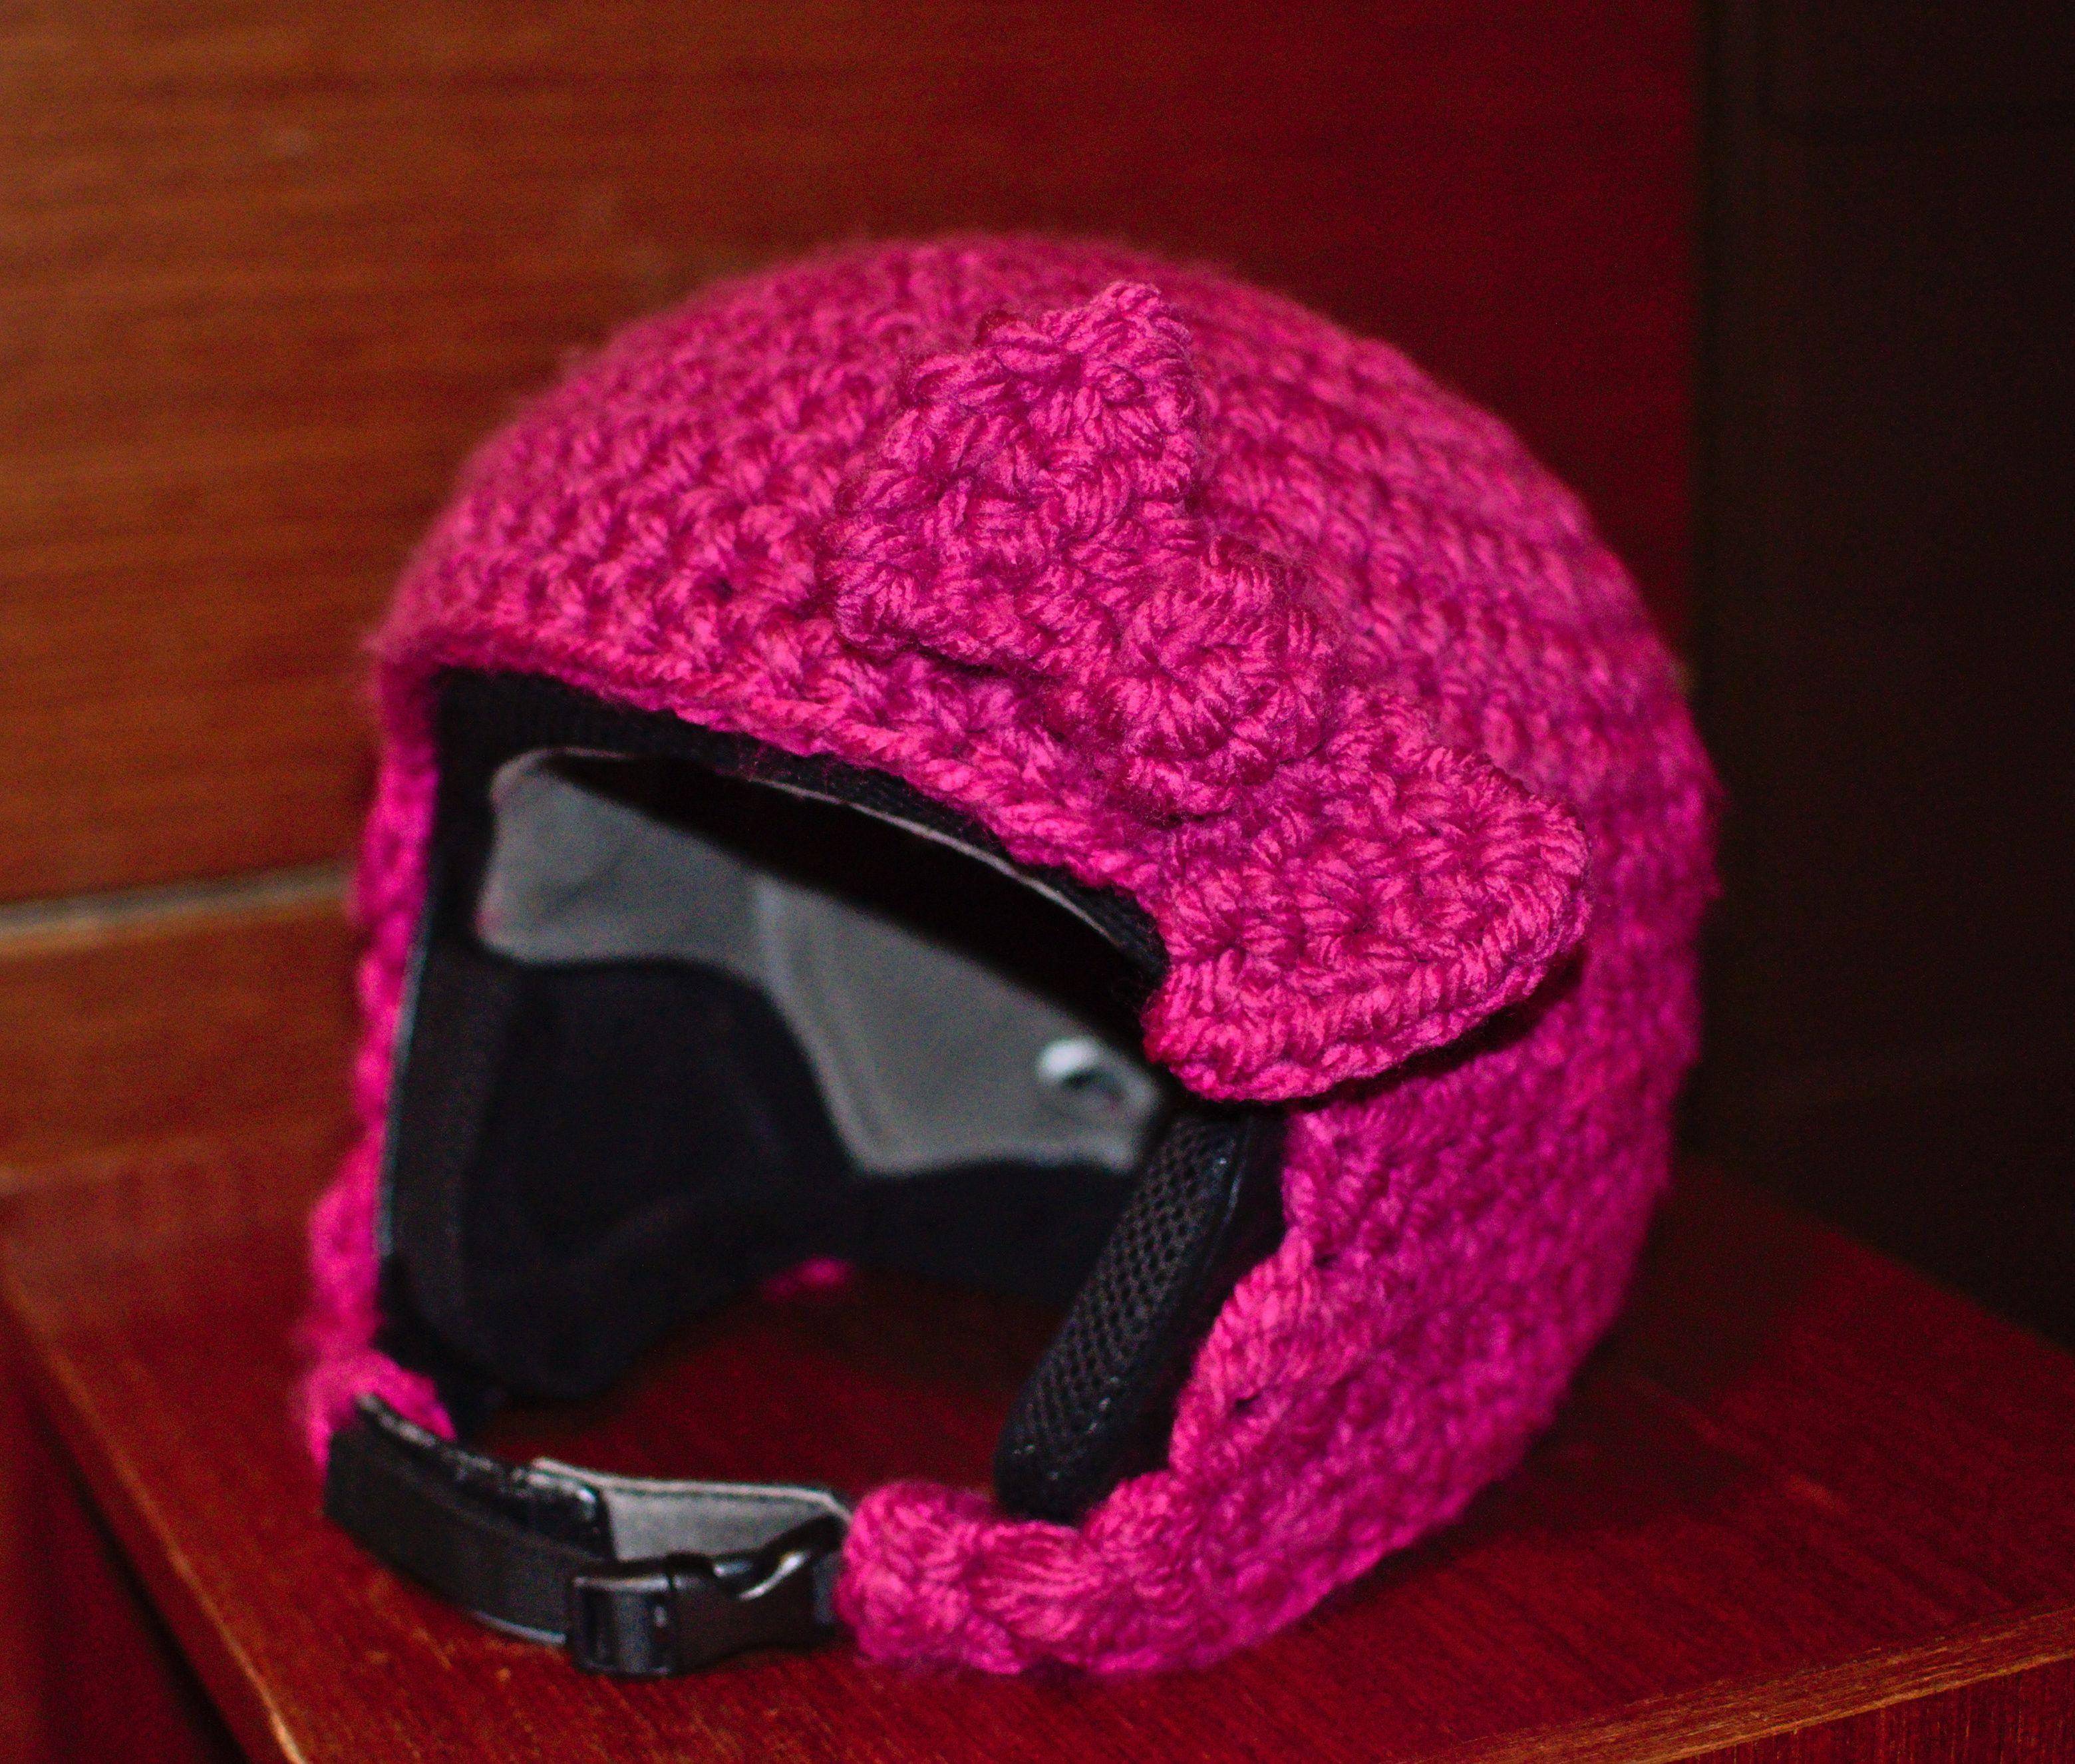 crochet ski helmet cover | My DIY | Pinterest | Helmet covers ...